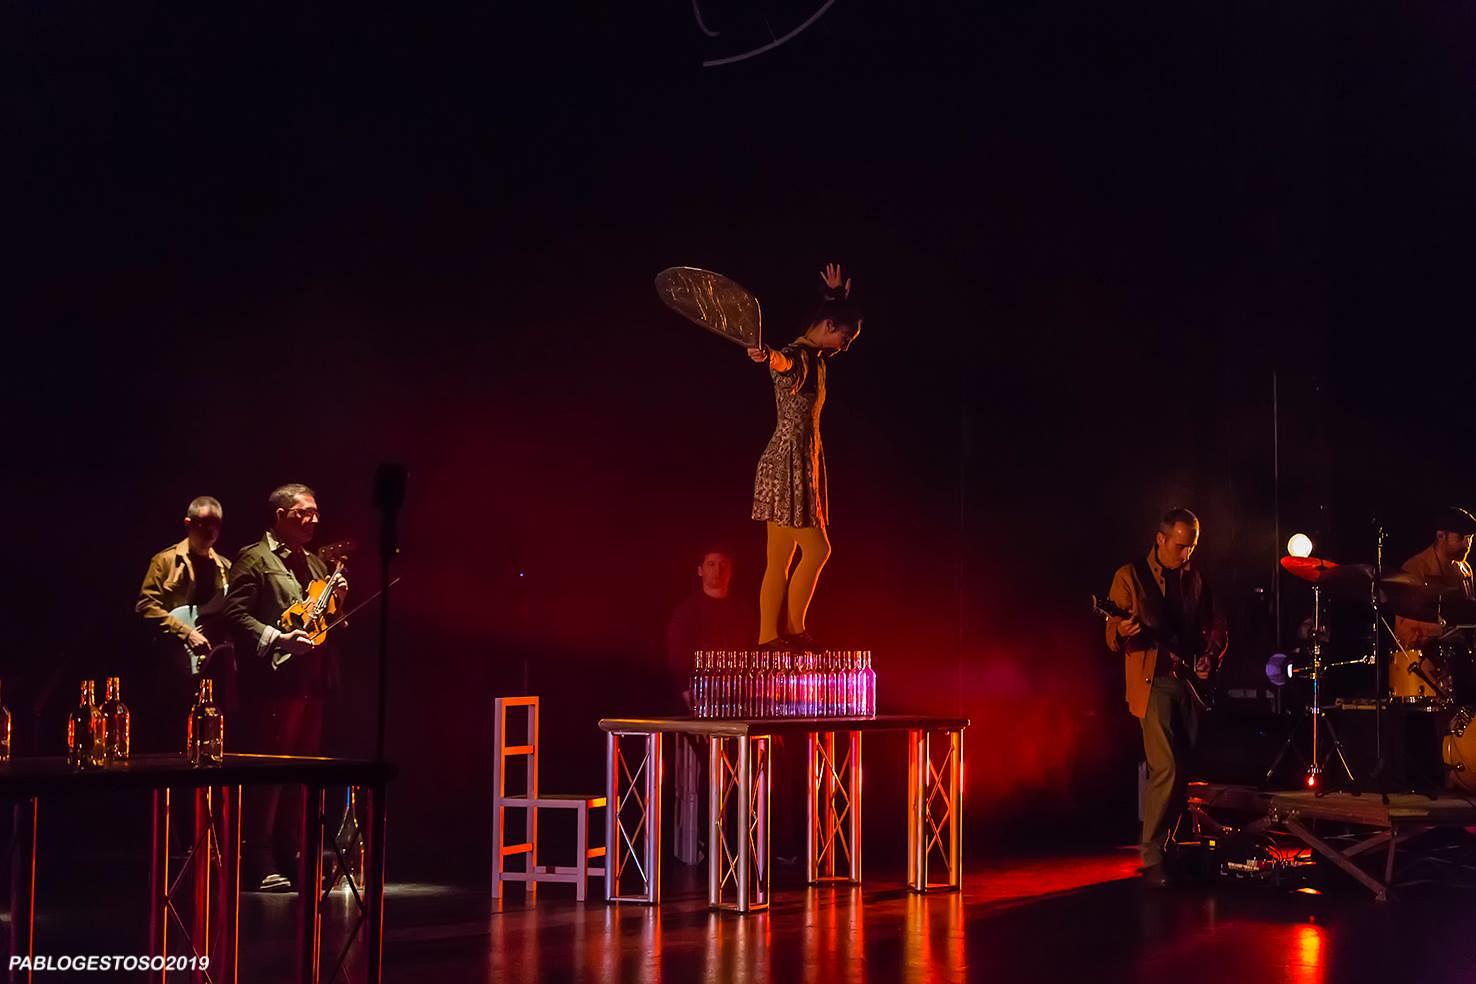 foto celtas y azar teatro